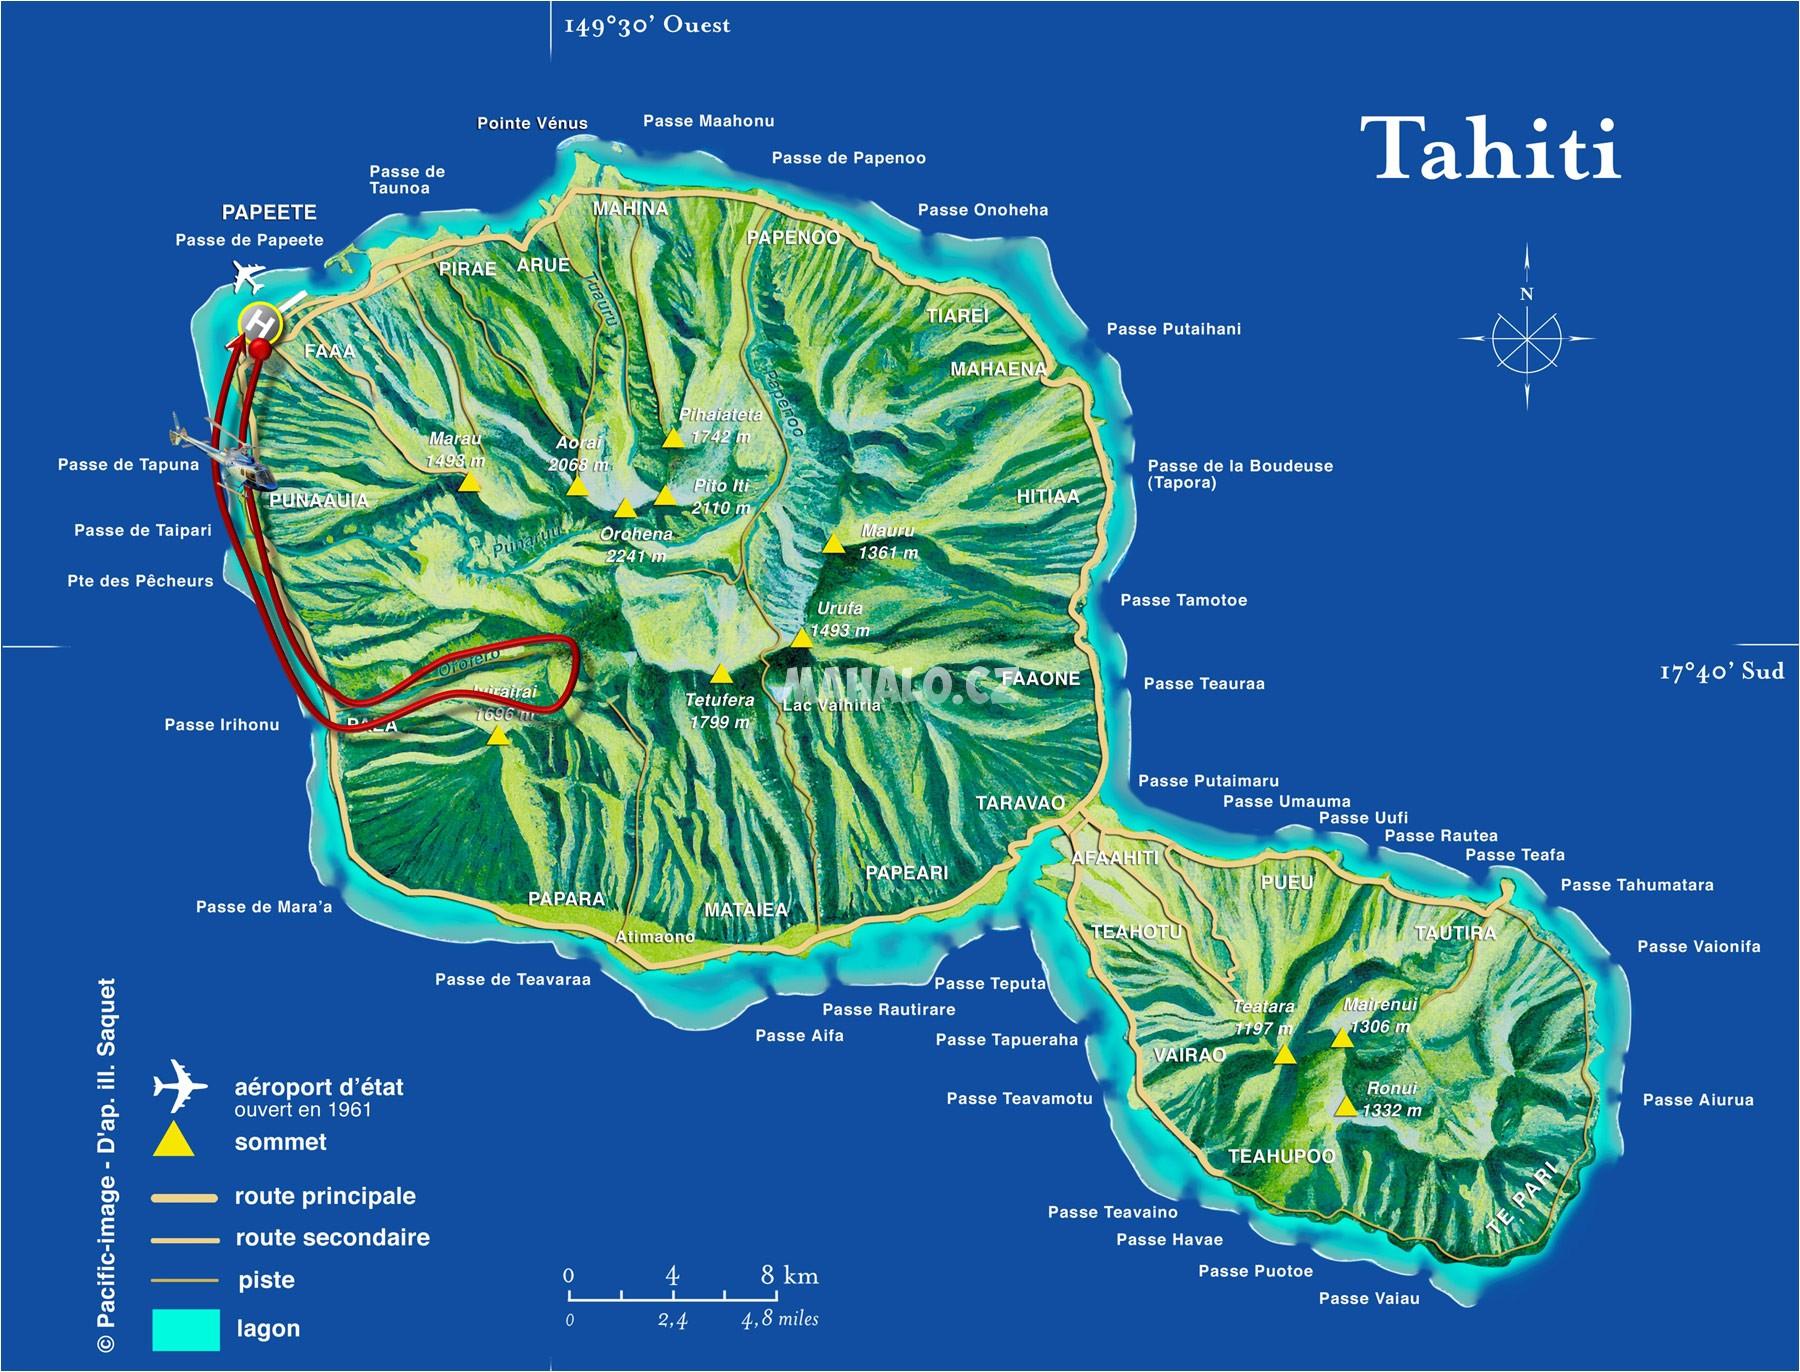 tahiti mapa sveta Stahujte materiály z Francouzské Polynésie | Francouzská Polynésie  tahiti mapa sveta